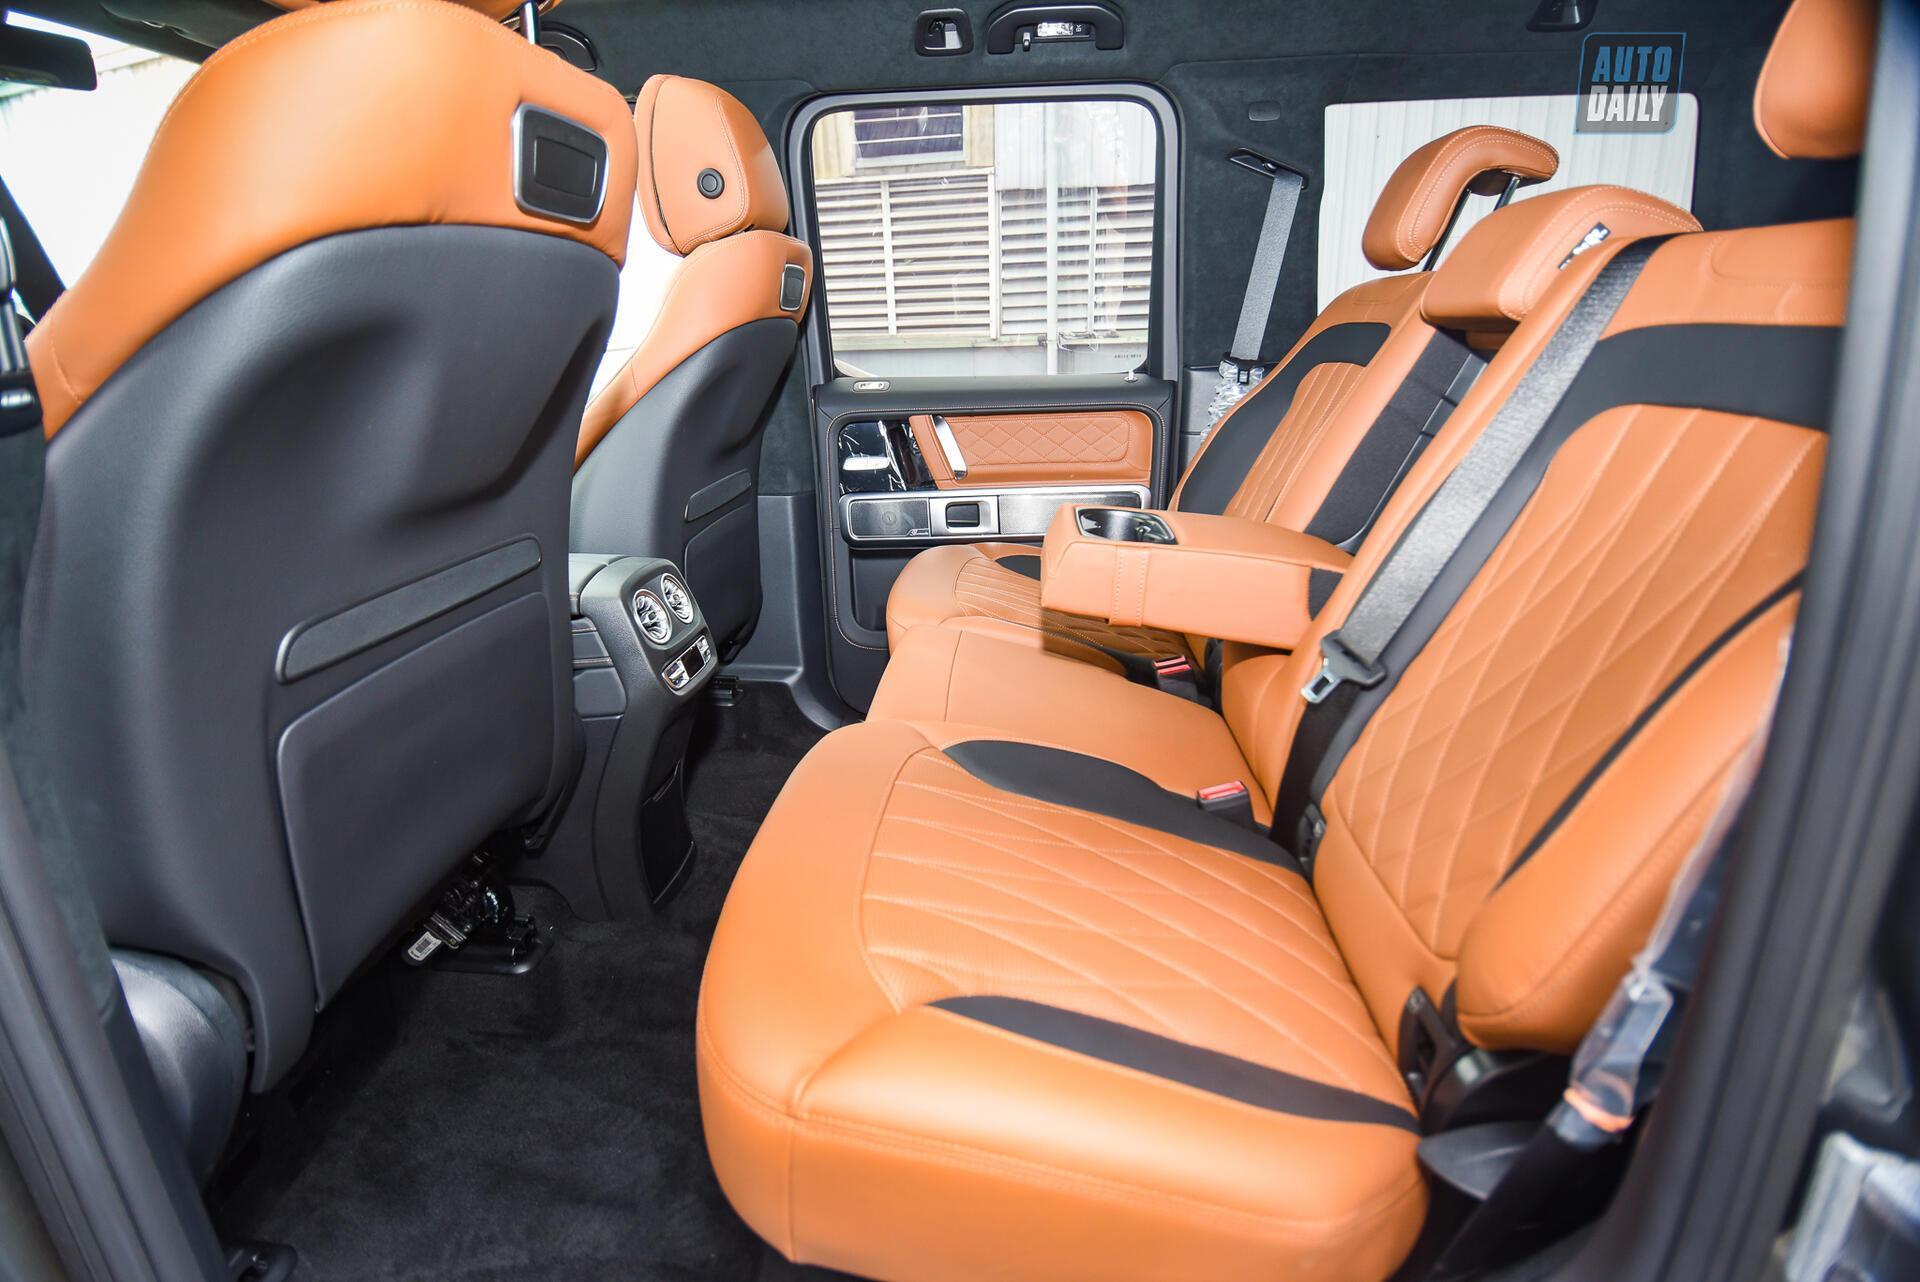 Ảnh chi tiết Mercedes G63 AMG 2021 bản cá nhân hoá giá khoảng 12 tỷ [21]